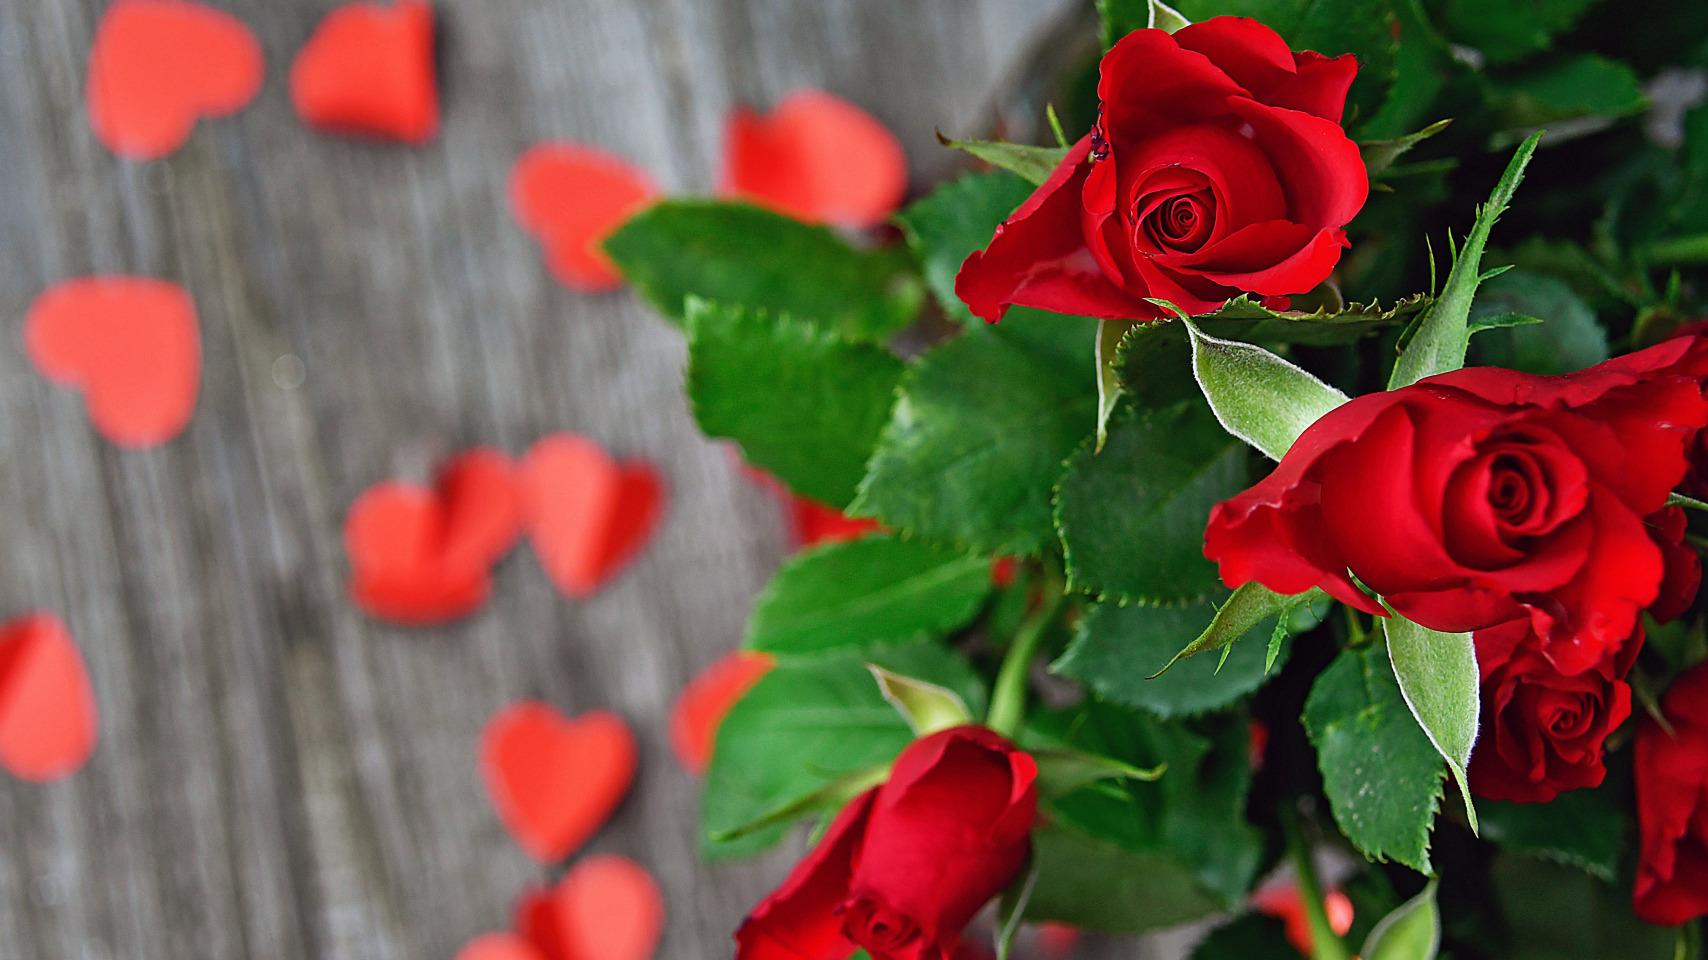 Алые розы и бумажные сердечки на размытом фоне. Фотограф Gаbor Adonyi